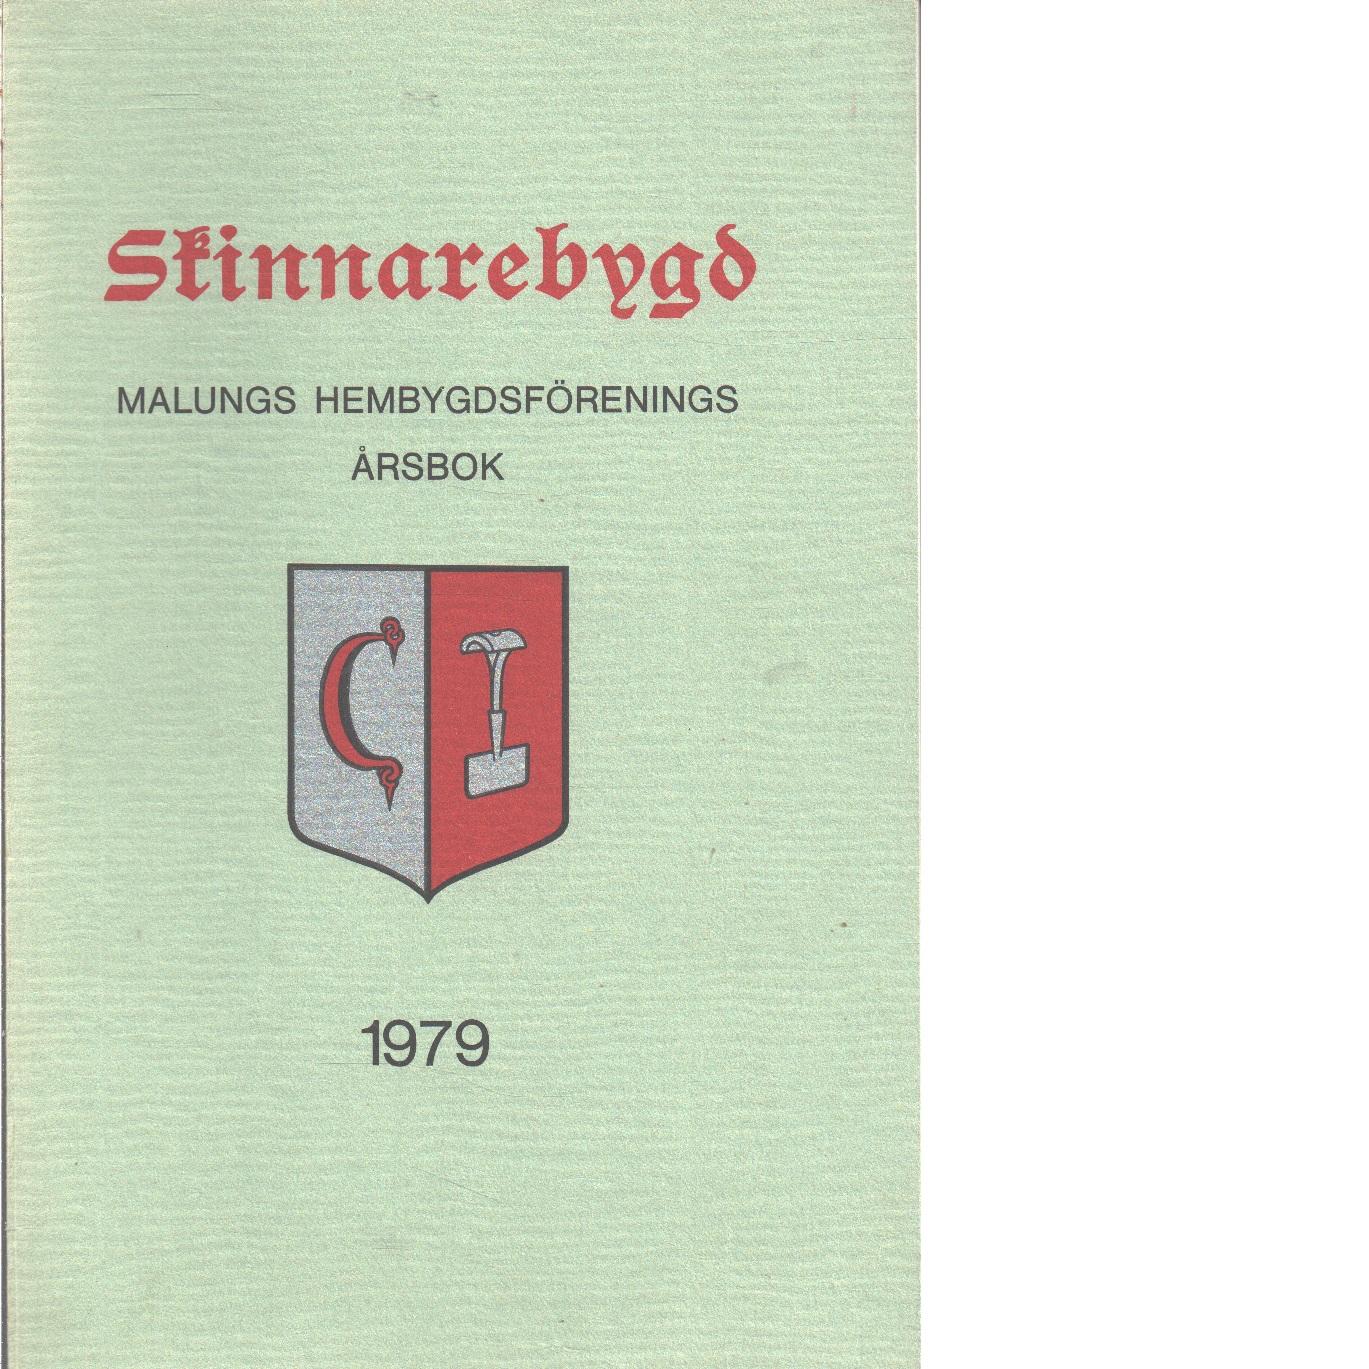 Skinnarebygd : Malungs hembygdsförenings årsbok  1979 - Red.